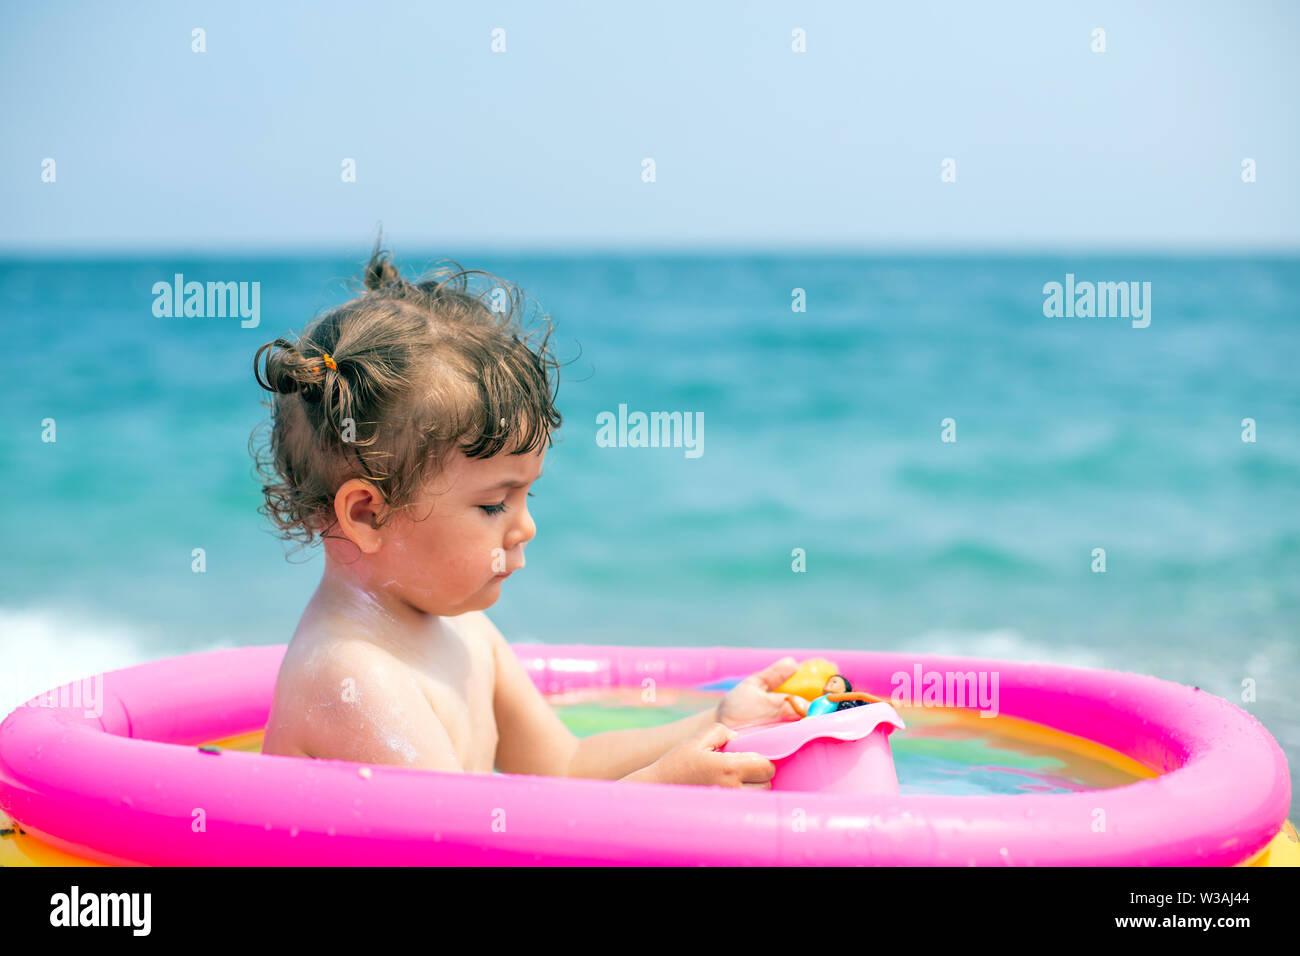 Mädchen Aufblasbare Puppe Albert Bandura